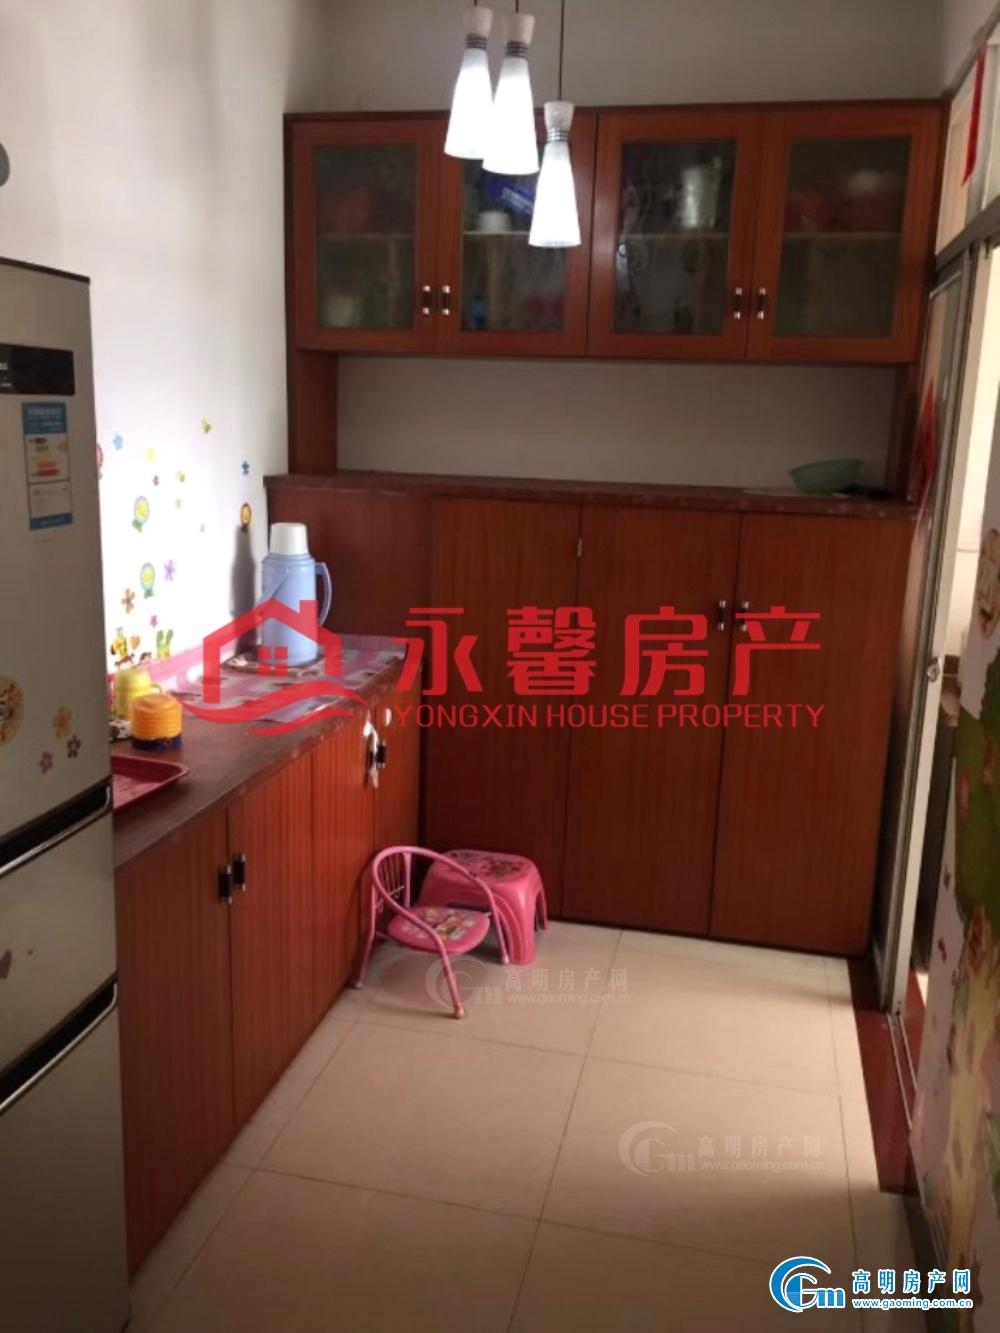 河江电梯洋房 家私家电齐全 拎包入住 仅租2000元